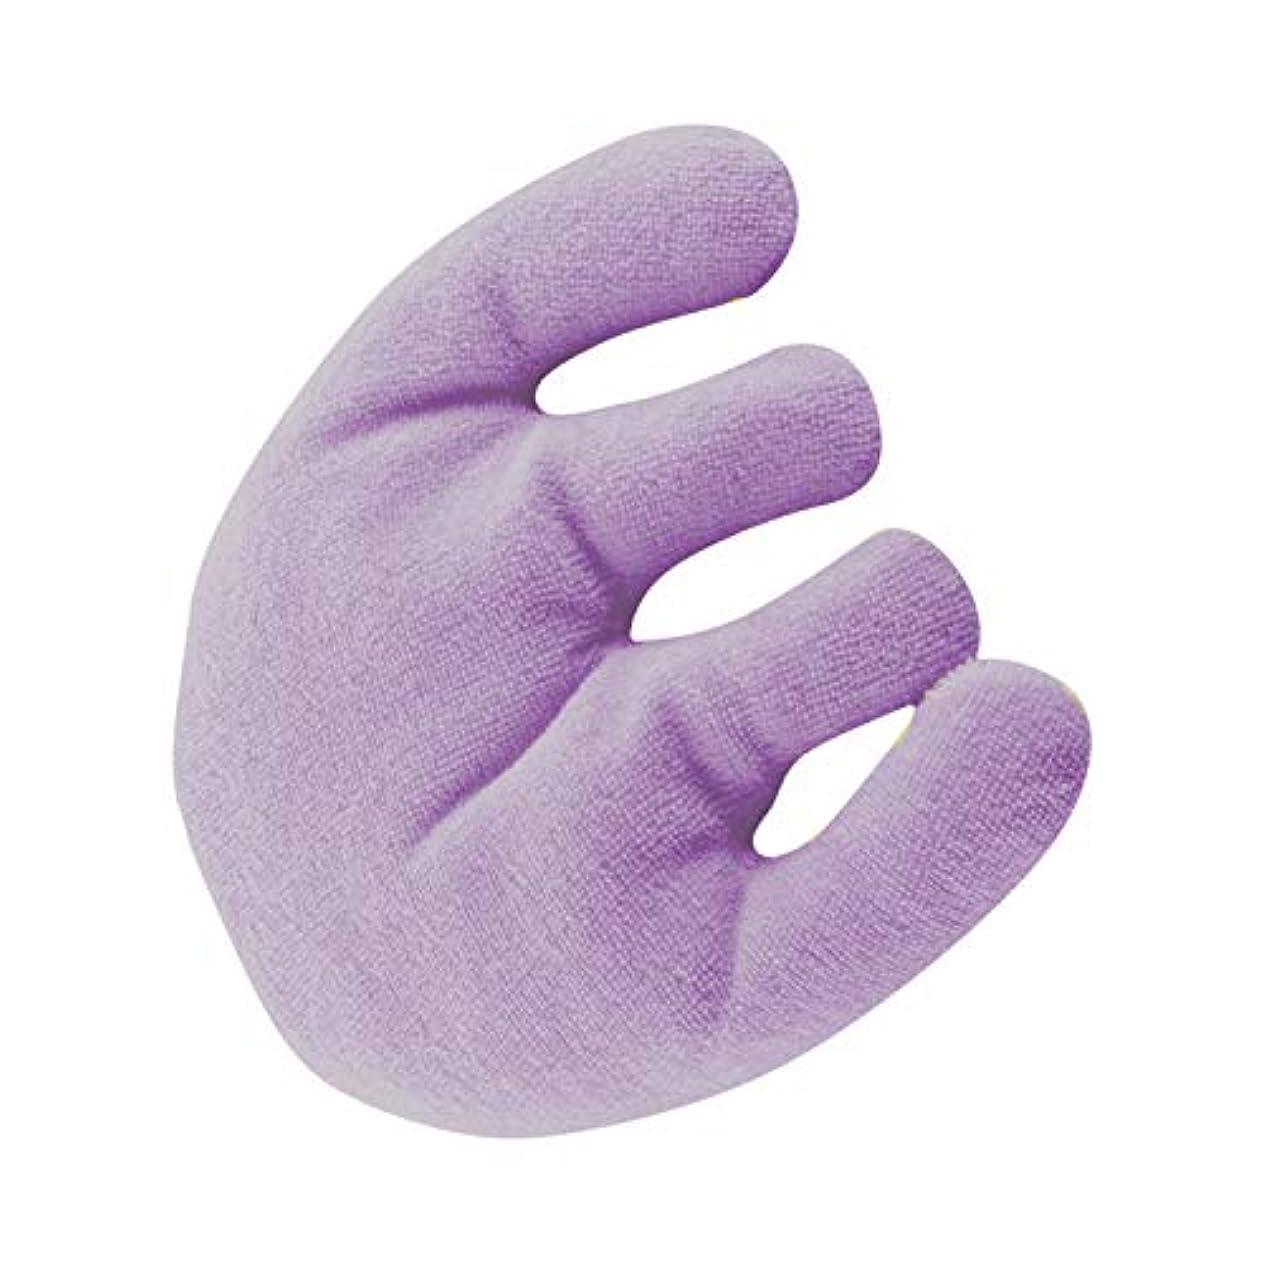 ドラマセメント過度に癒し手枕 ふかふか リラックス バネ指